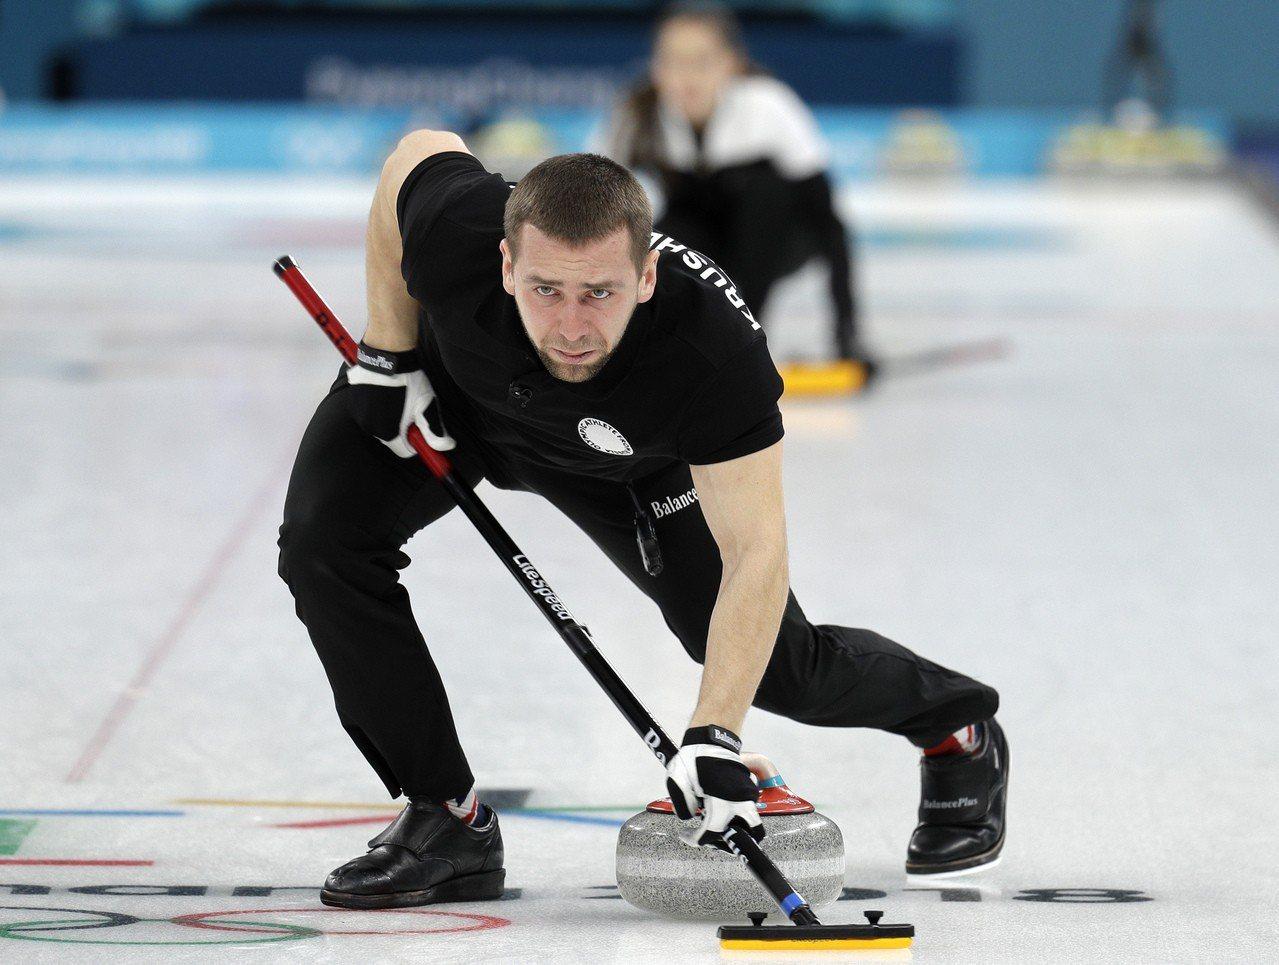 俄羅斯選手(奧運隊)奪下冰壺混雙金牌。 美聯社